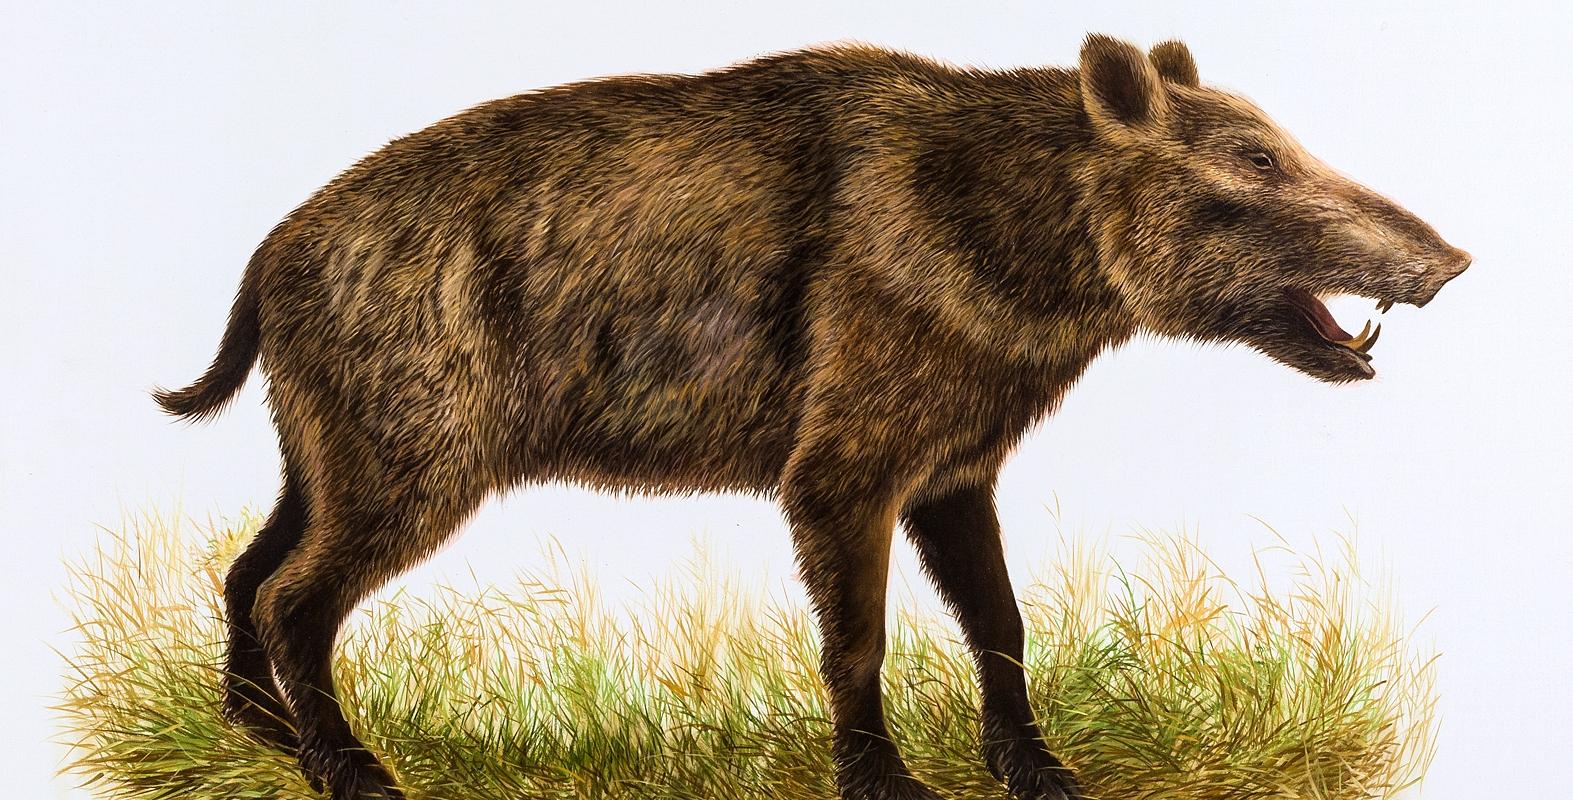 В США нашли останки свиноподобных животных возрастом 5 млн лет